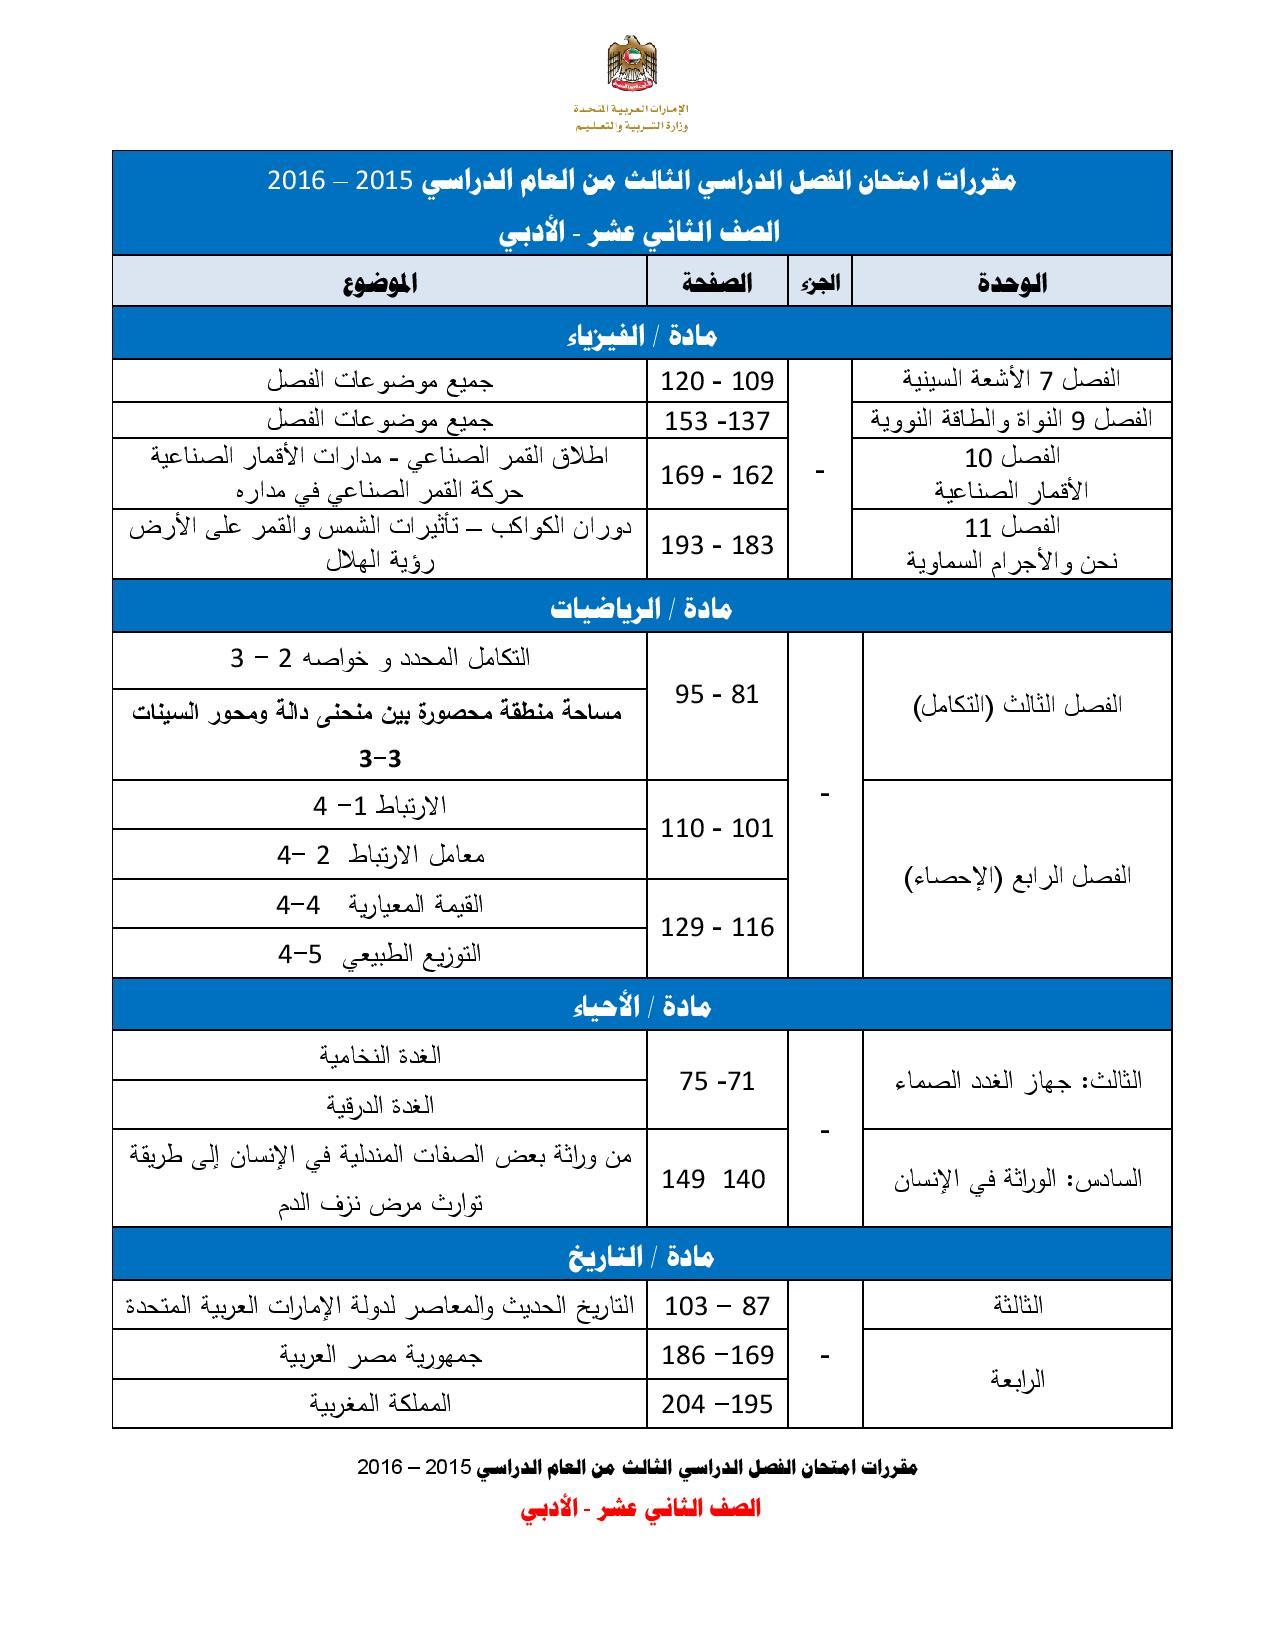 مقررات امتحانات الصف الثانى عشر ادبى للفصل الثالث 2016 (2)